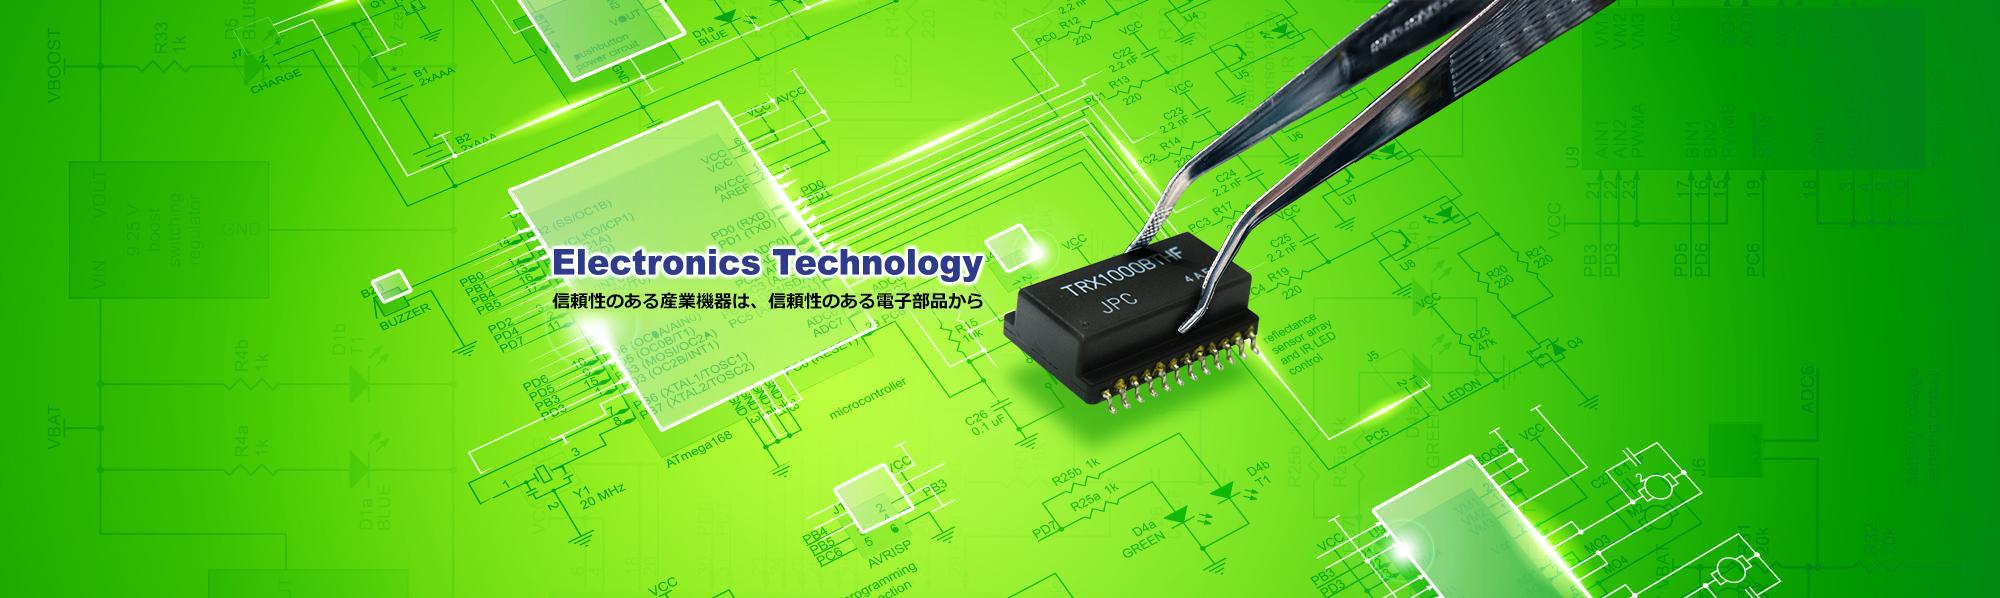 信頼性のある産業機器は、信頼性のある電子部品から